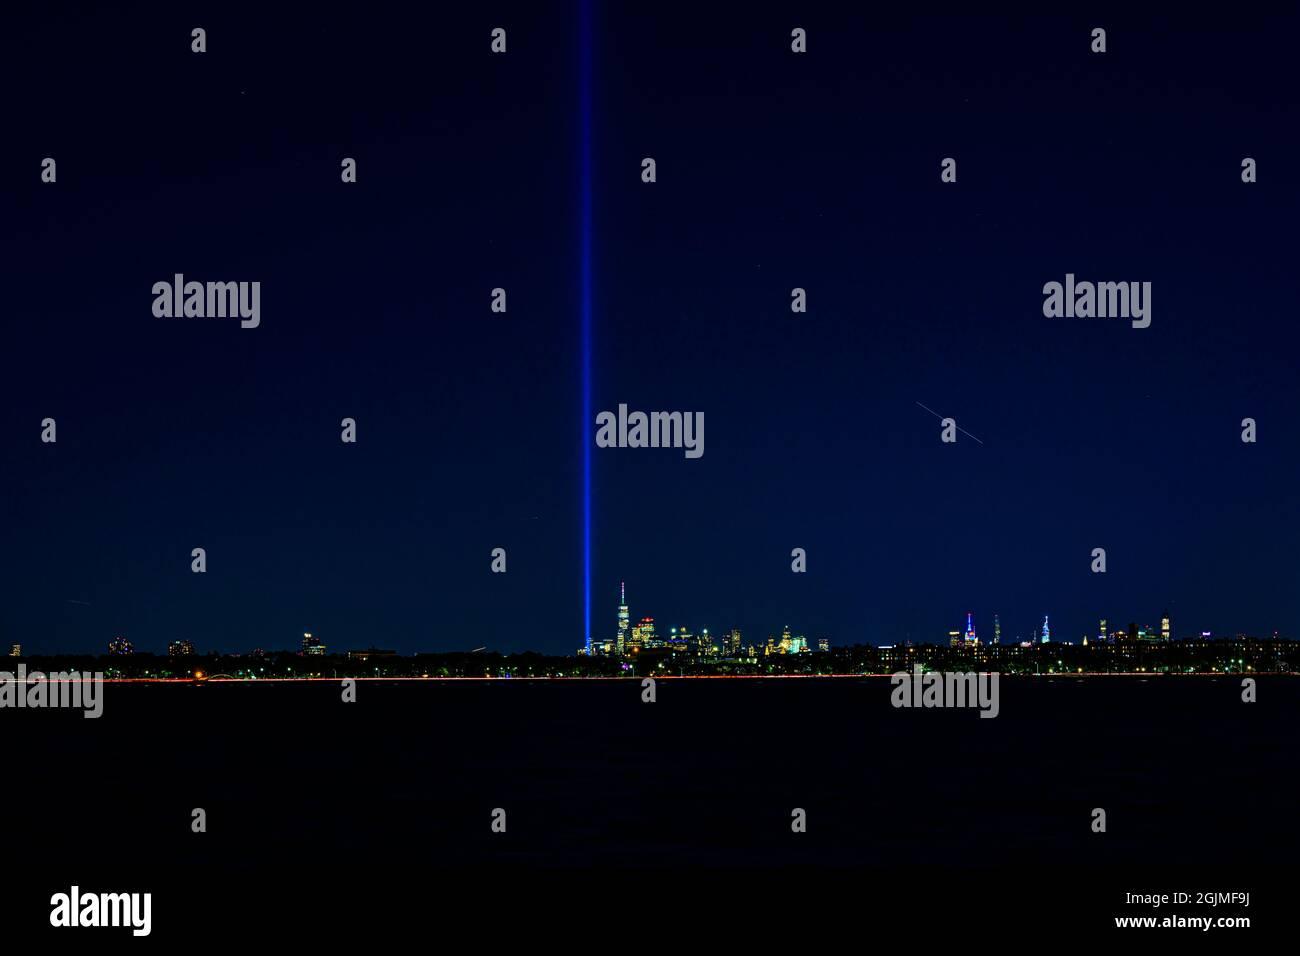 Blick auf das Lower Manhattan mit The Tribute in Light, von der Coney Island, Brooklyn am Vorabend des 9. Jahrestages der 11; 10. September 20 Stockfoto